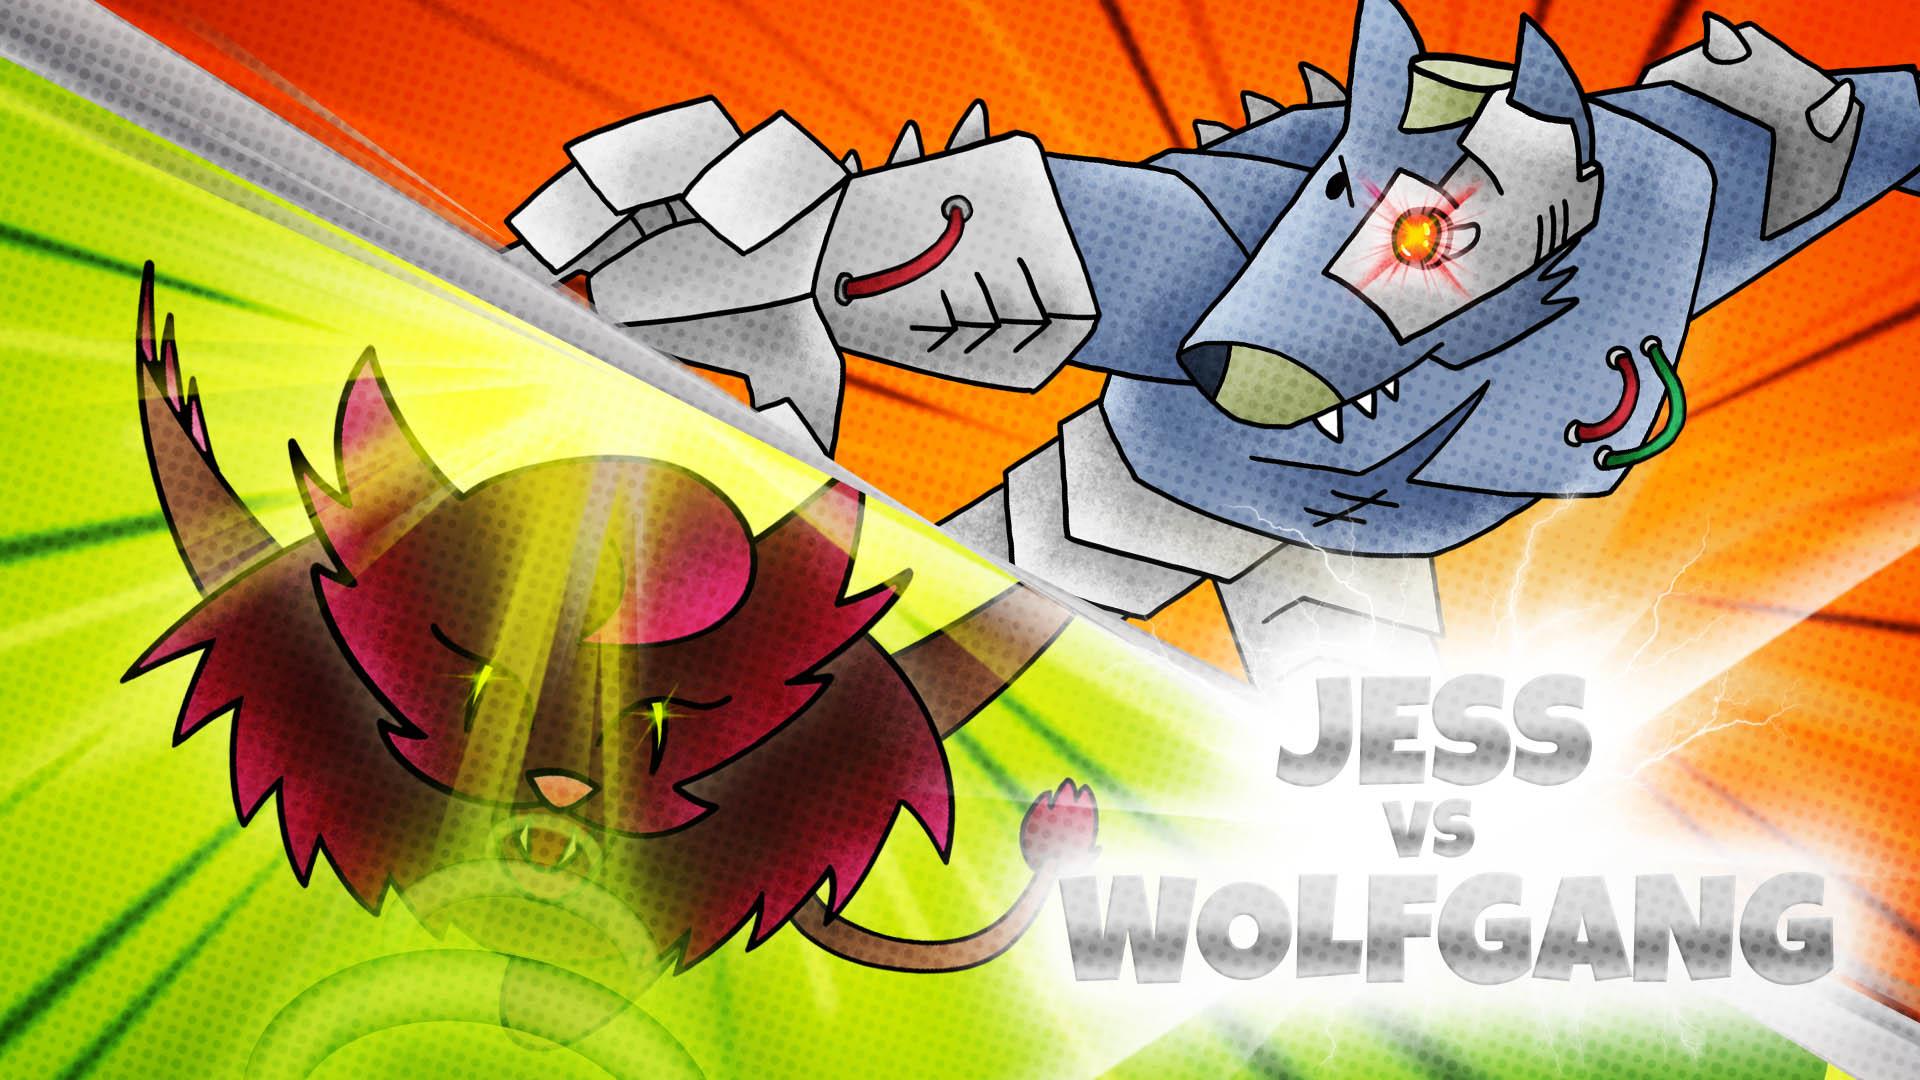 Versus Evil Indie Games